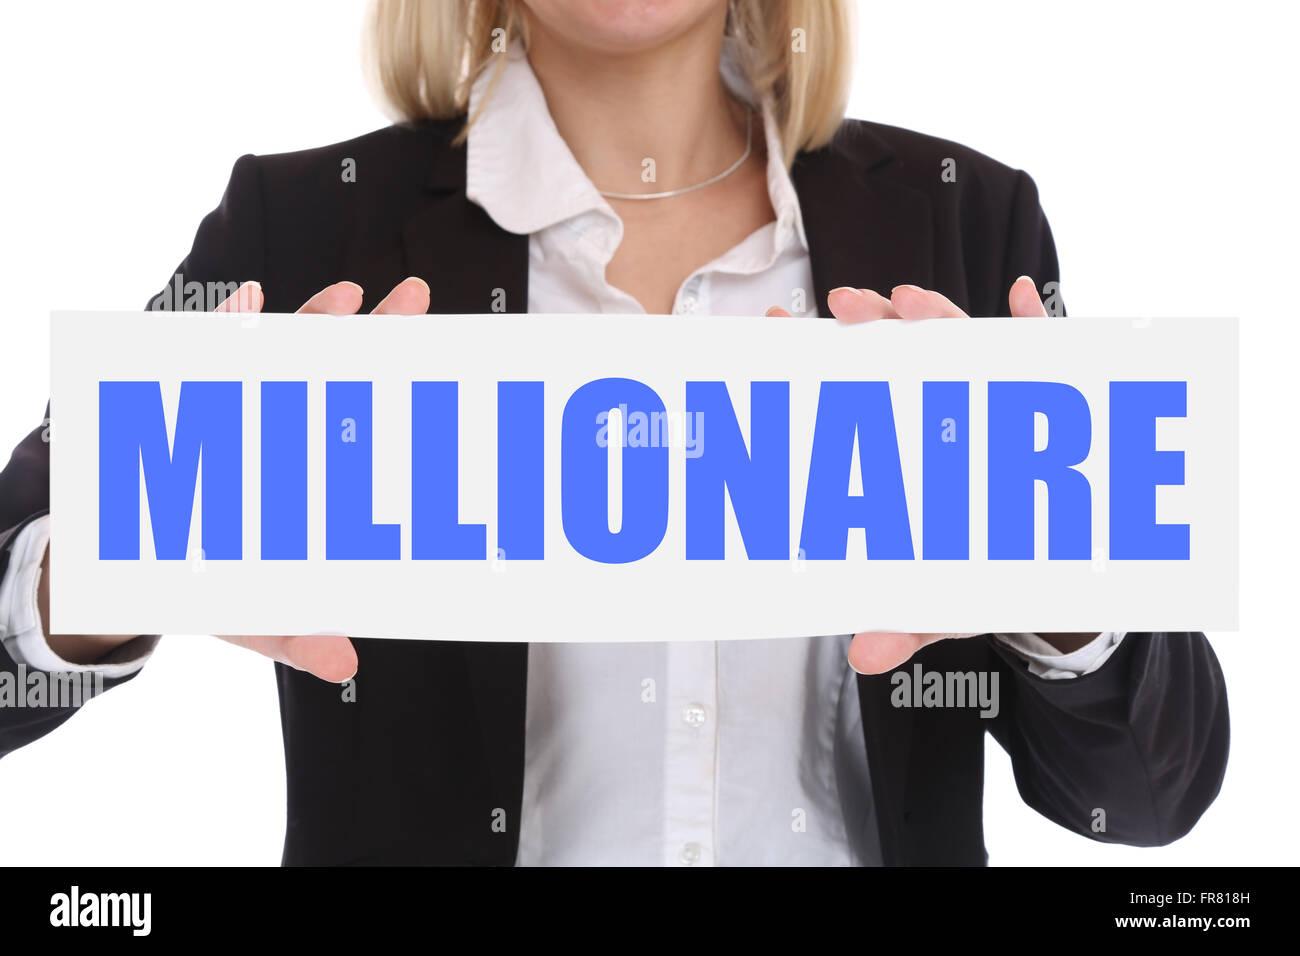 Business concept millionaire rich wealth businesswoman success successful finances leadership - Stock Image